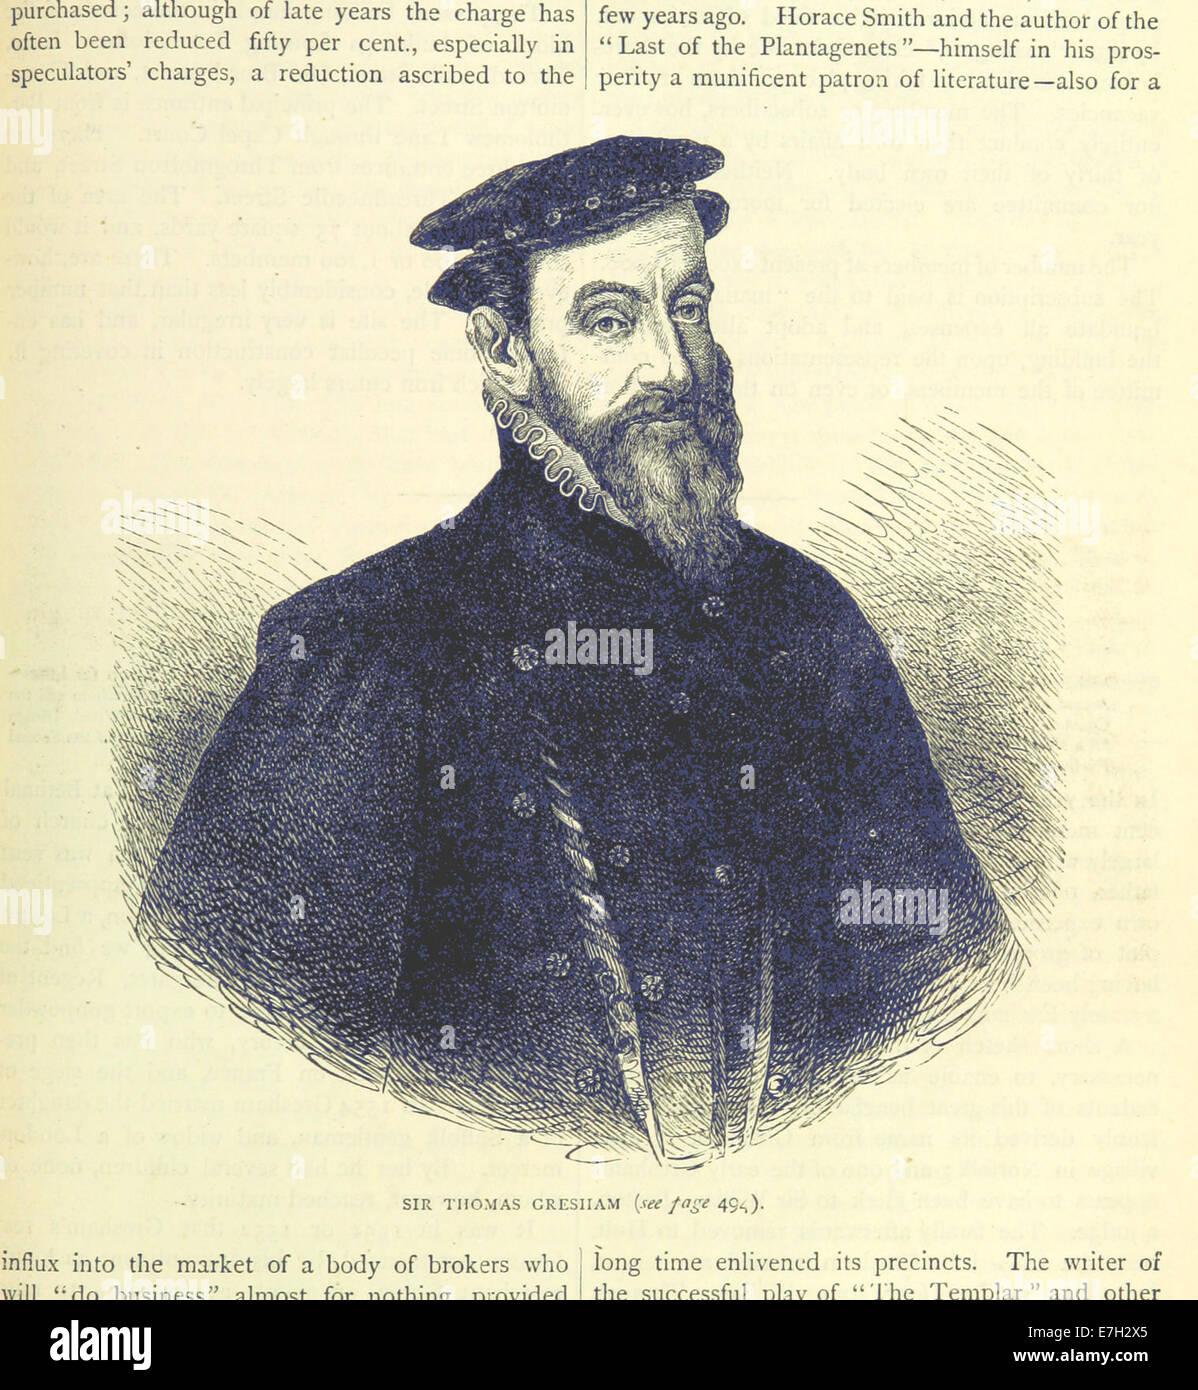 ONL (1887) 1.493 - Sir Thomas Gresham - Stock Image